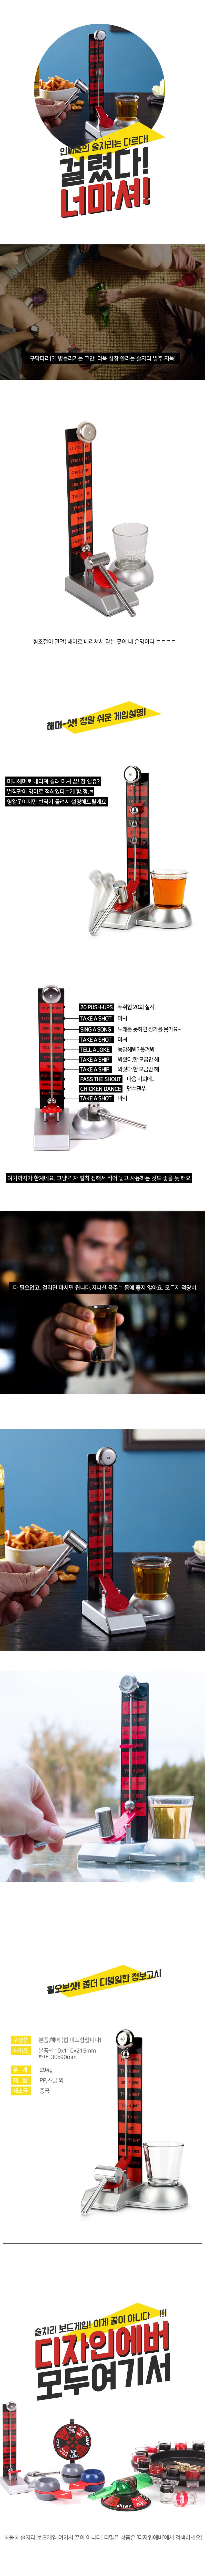 너마셔 술자리 복불복 룰렛 게임 해머샷 - 디자인에버, 14,000원, 아이디어 상품, 아이디어 상품